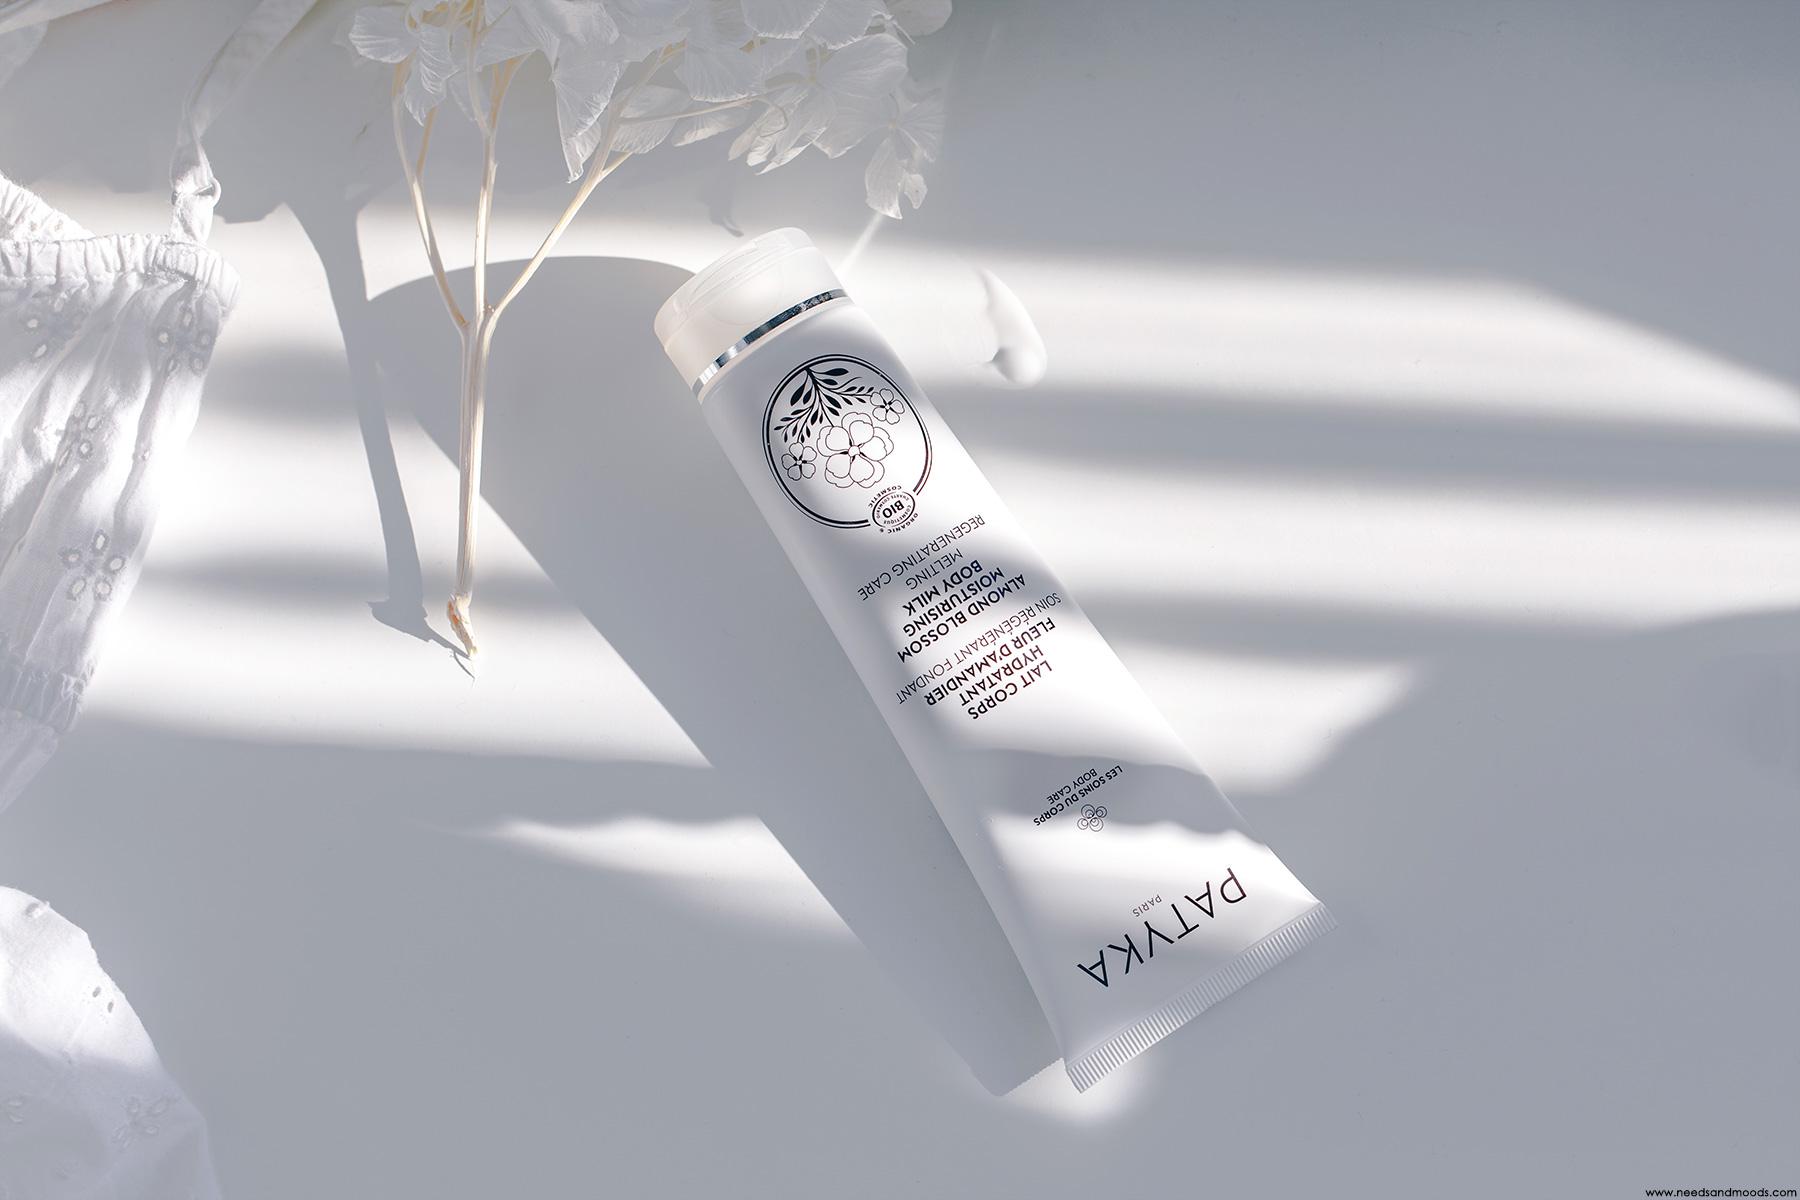 patyka avis lait corps hydratant fleur amandier